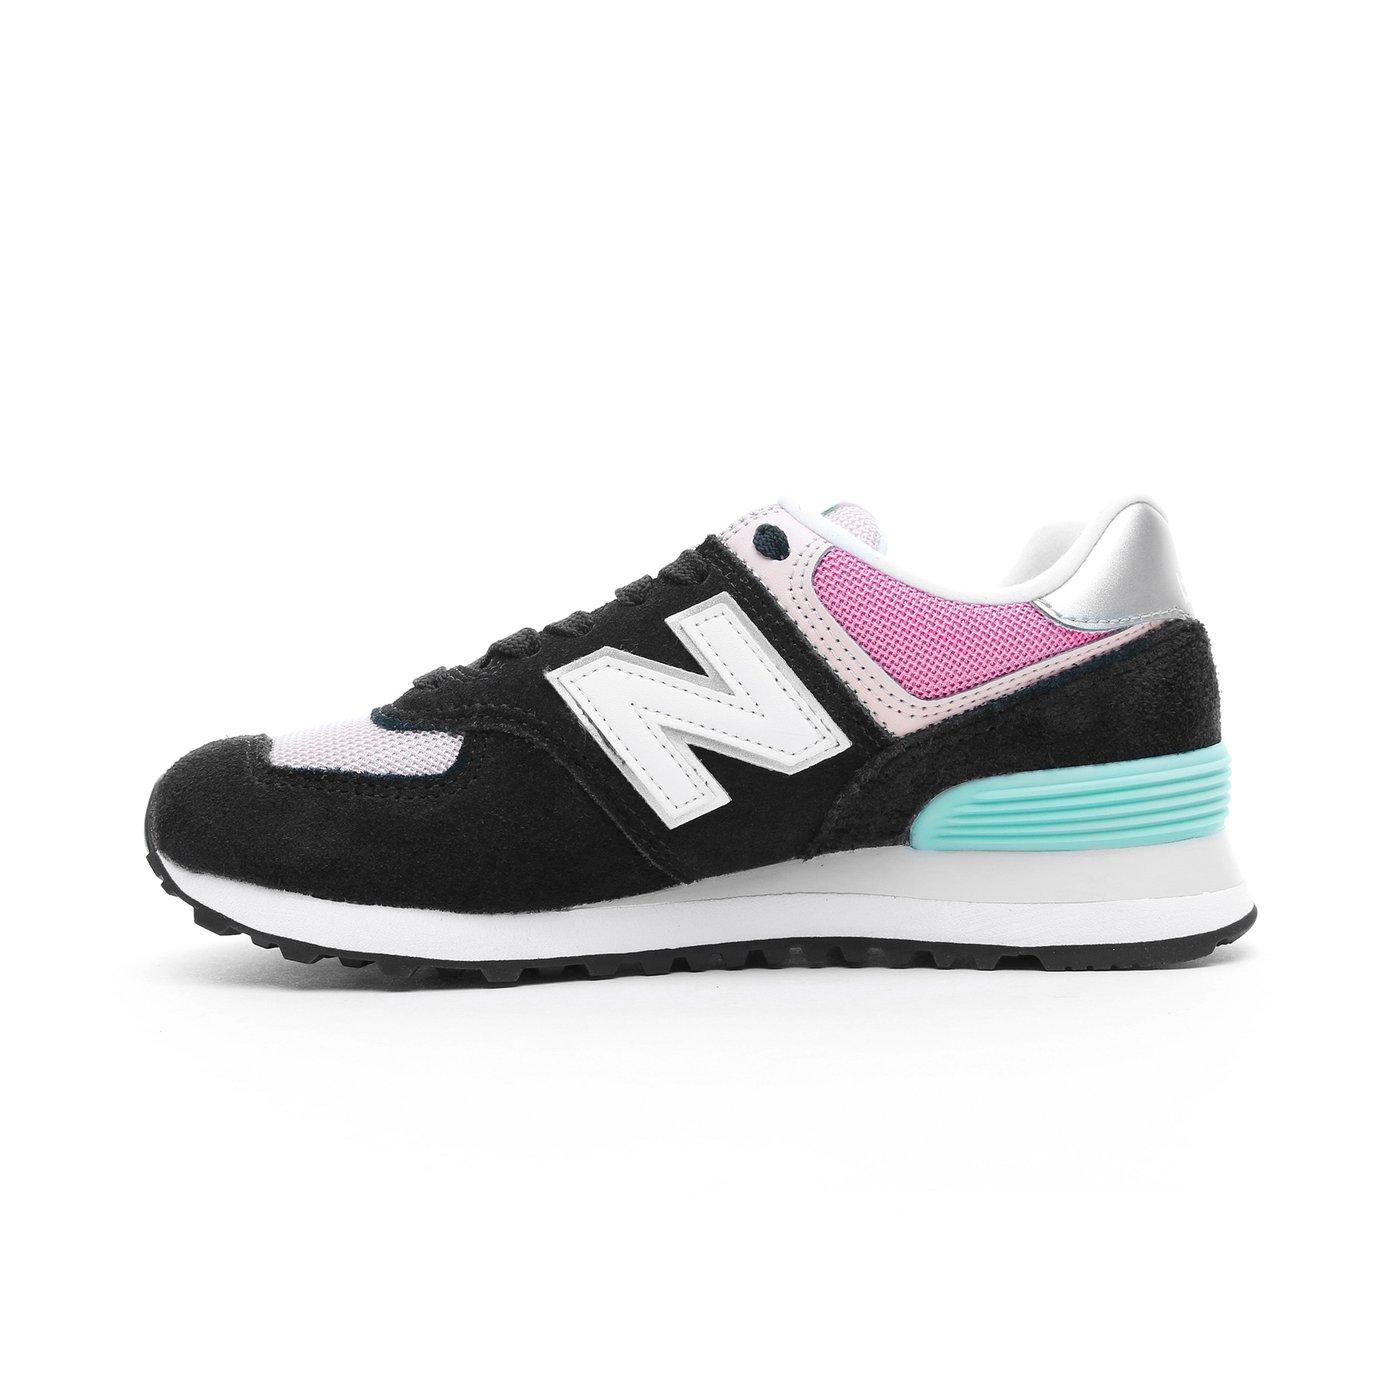 New Balance Kadın Siyah Spor Ayakkabı